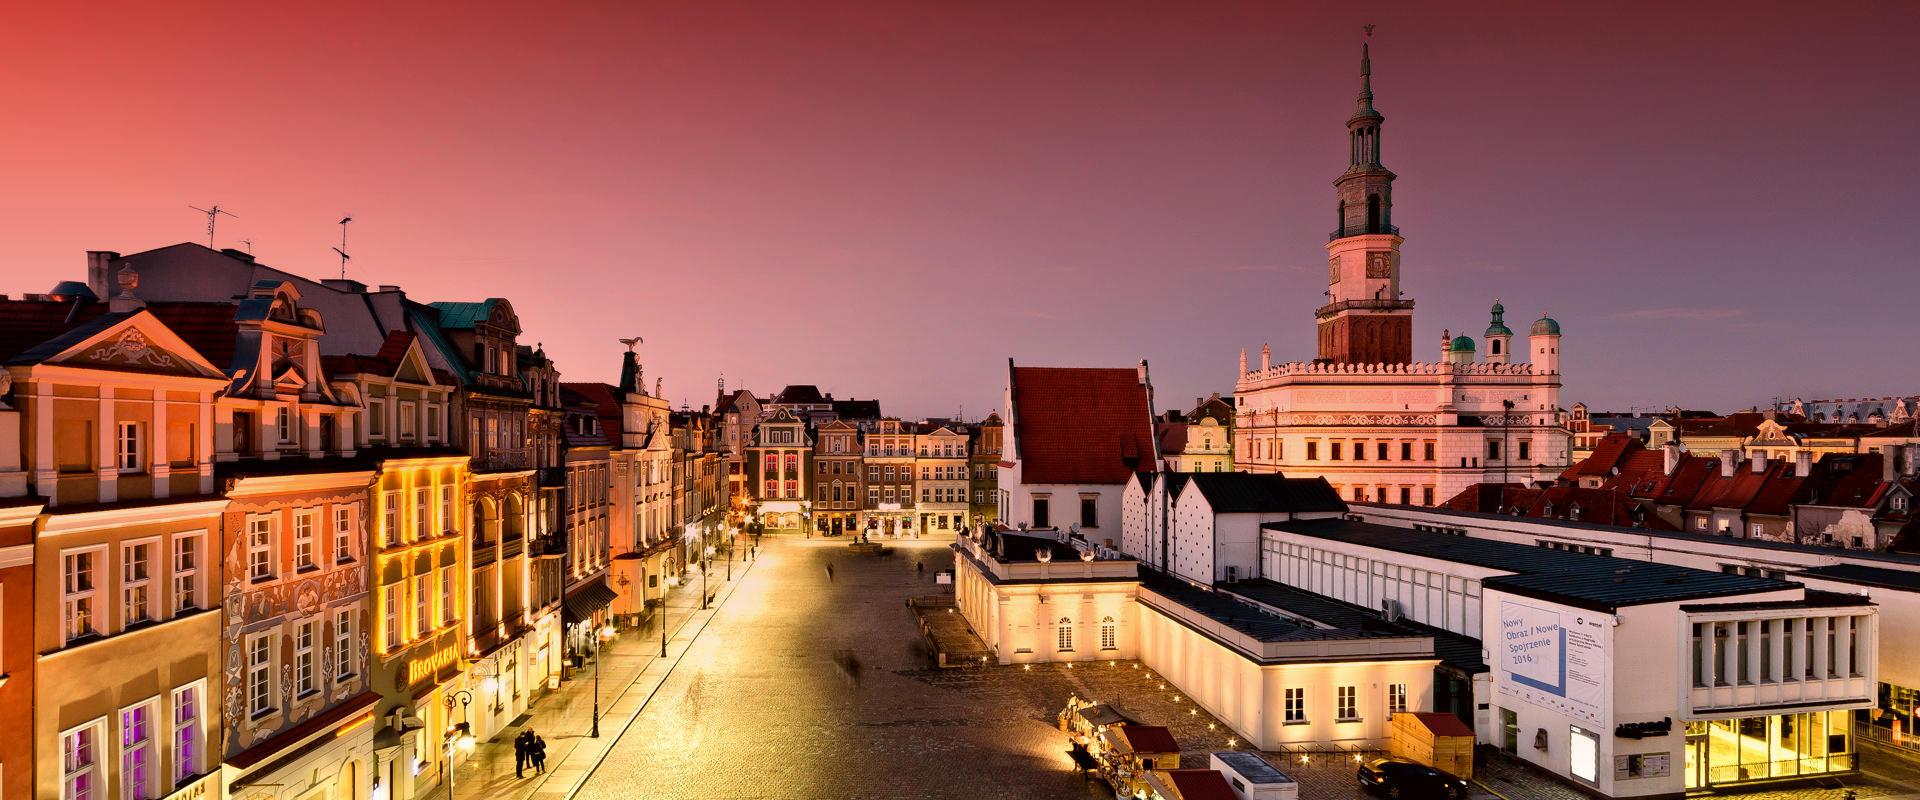 Razem budujemy lepszy Poznań!